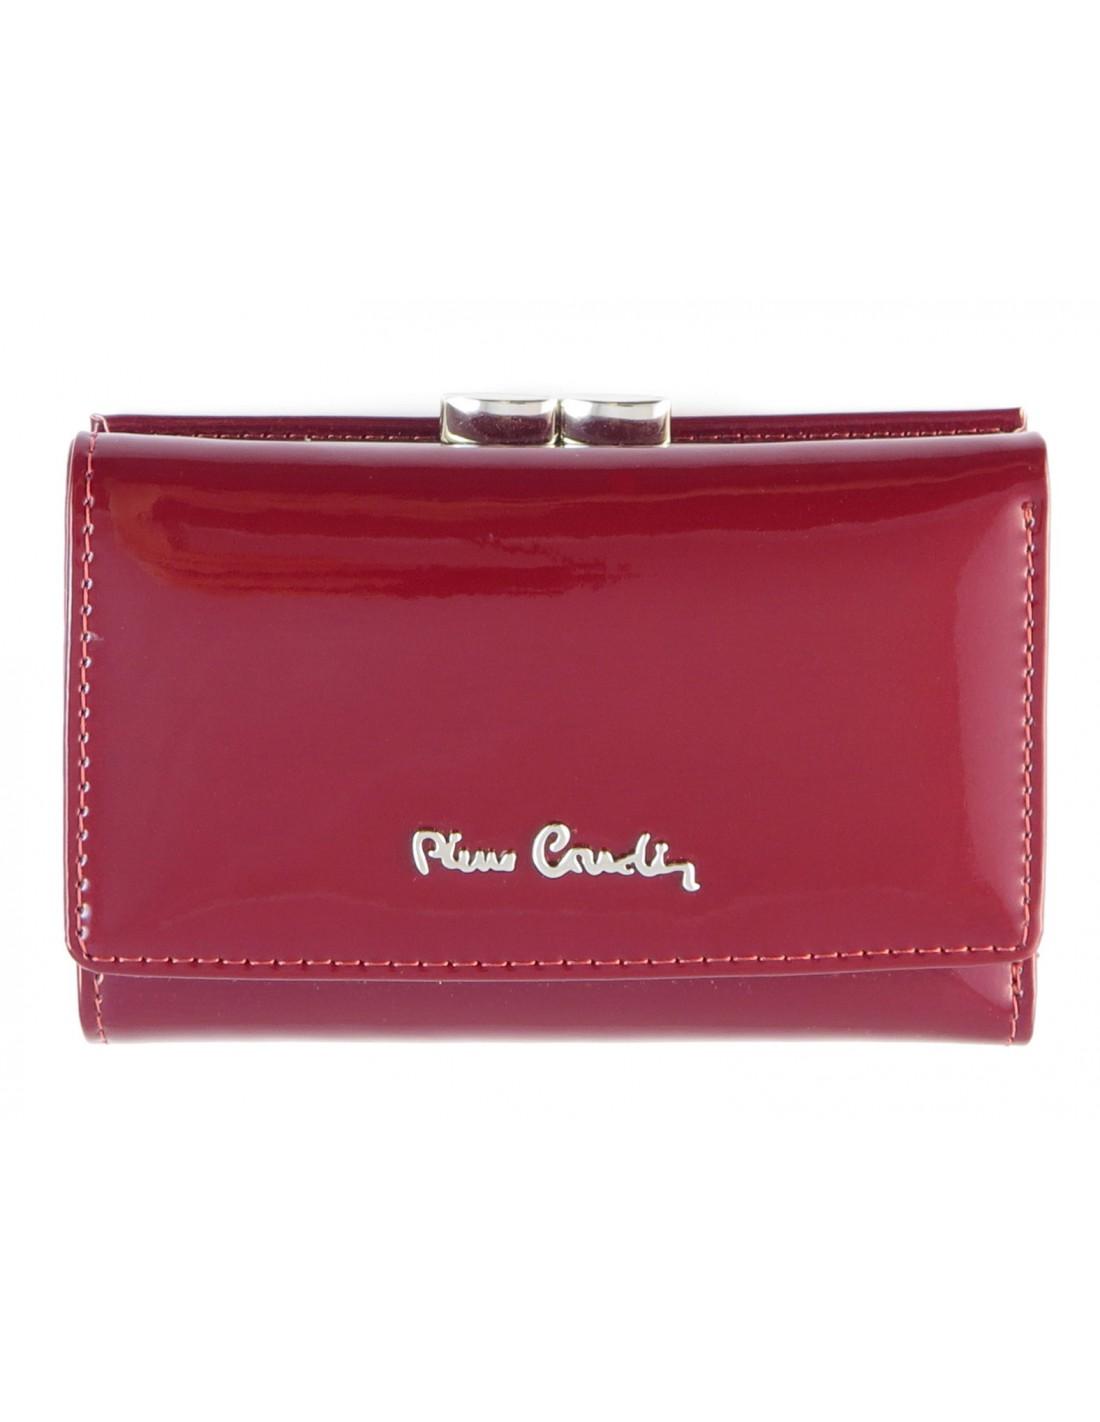 997d837d4152d Czarwony lakierowany portfel damski Pierre Cardin PFD4